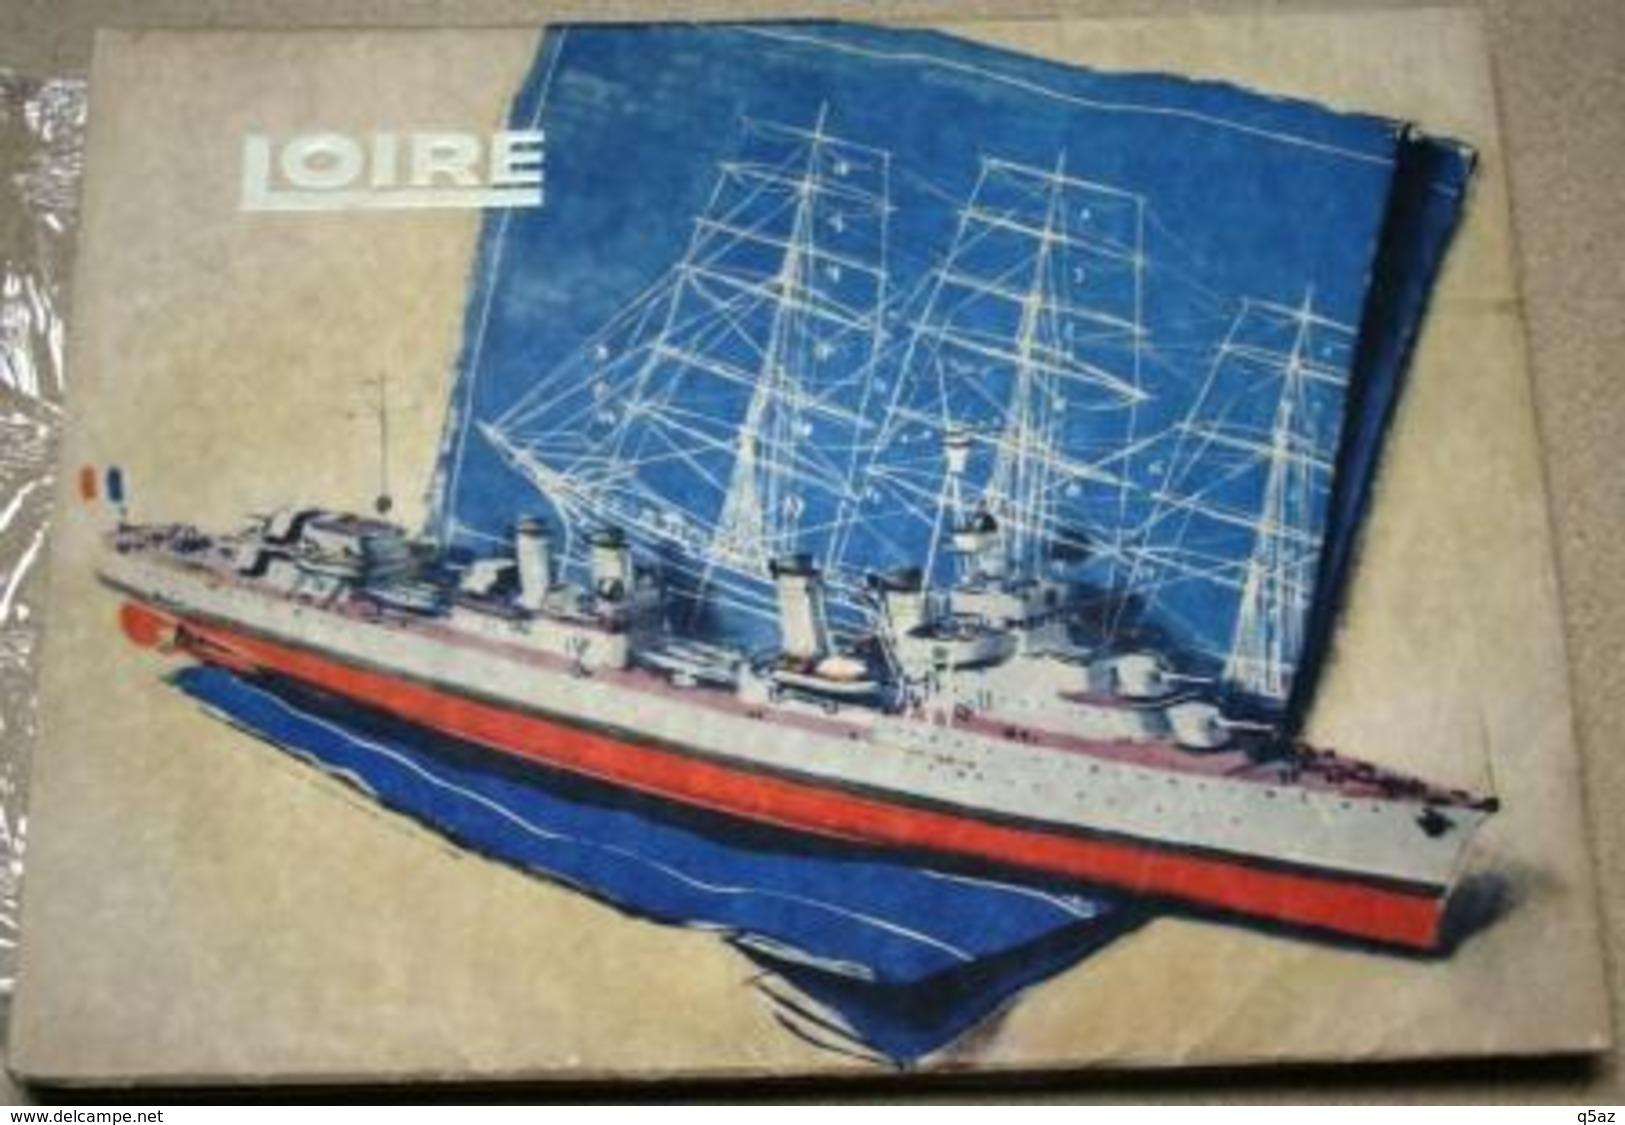 El1.u- Albert Brenet 1952 Paquebot Chantiers Loire Nantes St Nazaire Penhoet Atlantique Construction Navale Roger Vercel - Sciences & Technique